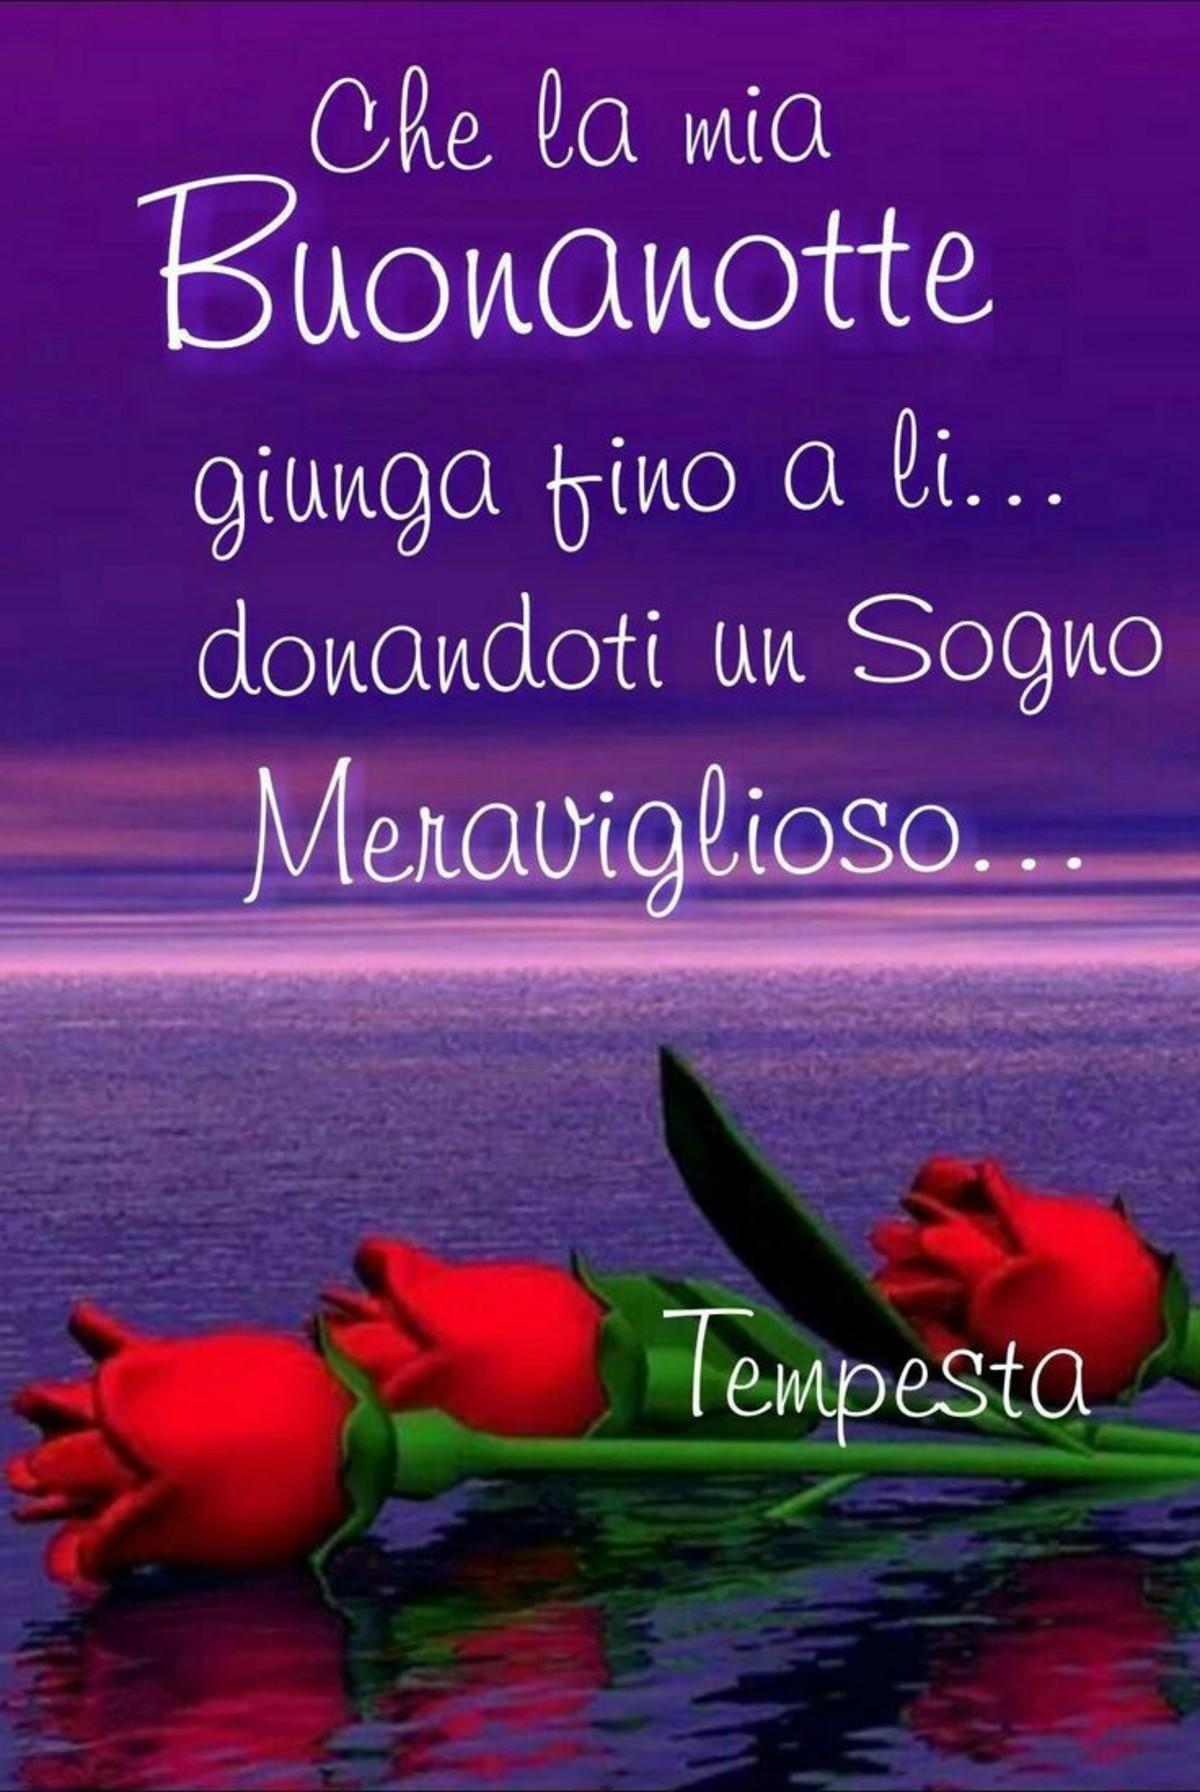 Buonanotte Amore Mio 3332 Bellissimeimmaginiit